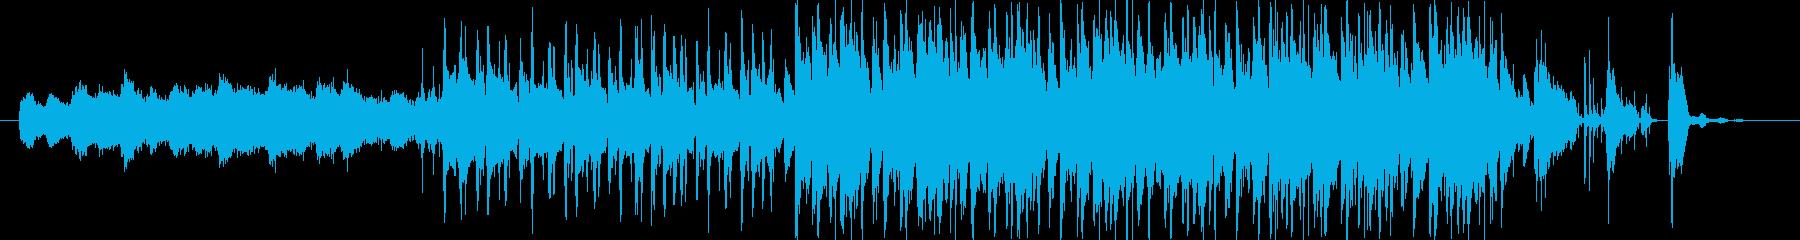 オープニングにマッチするような軽快でノ…の再生済みの波形